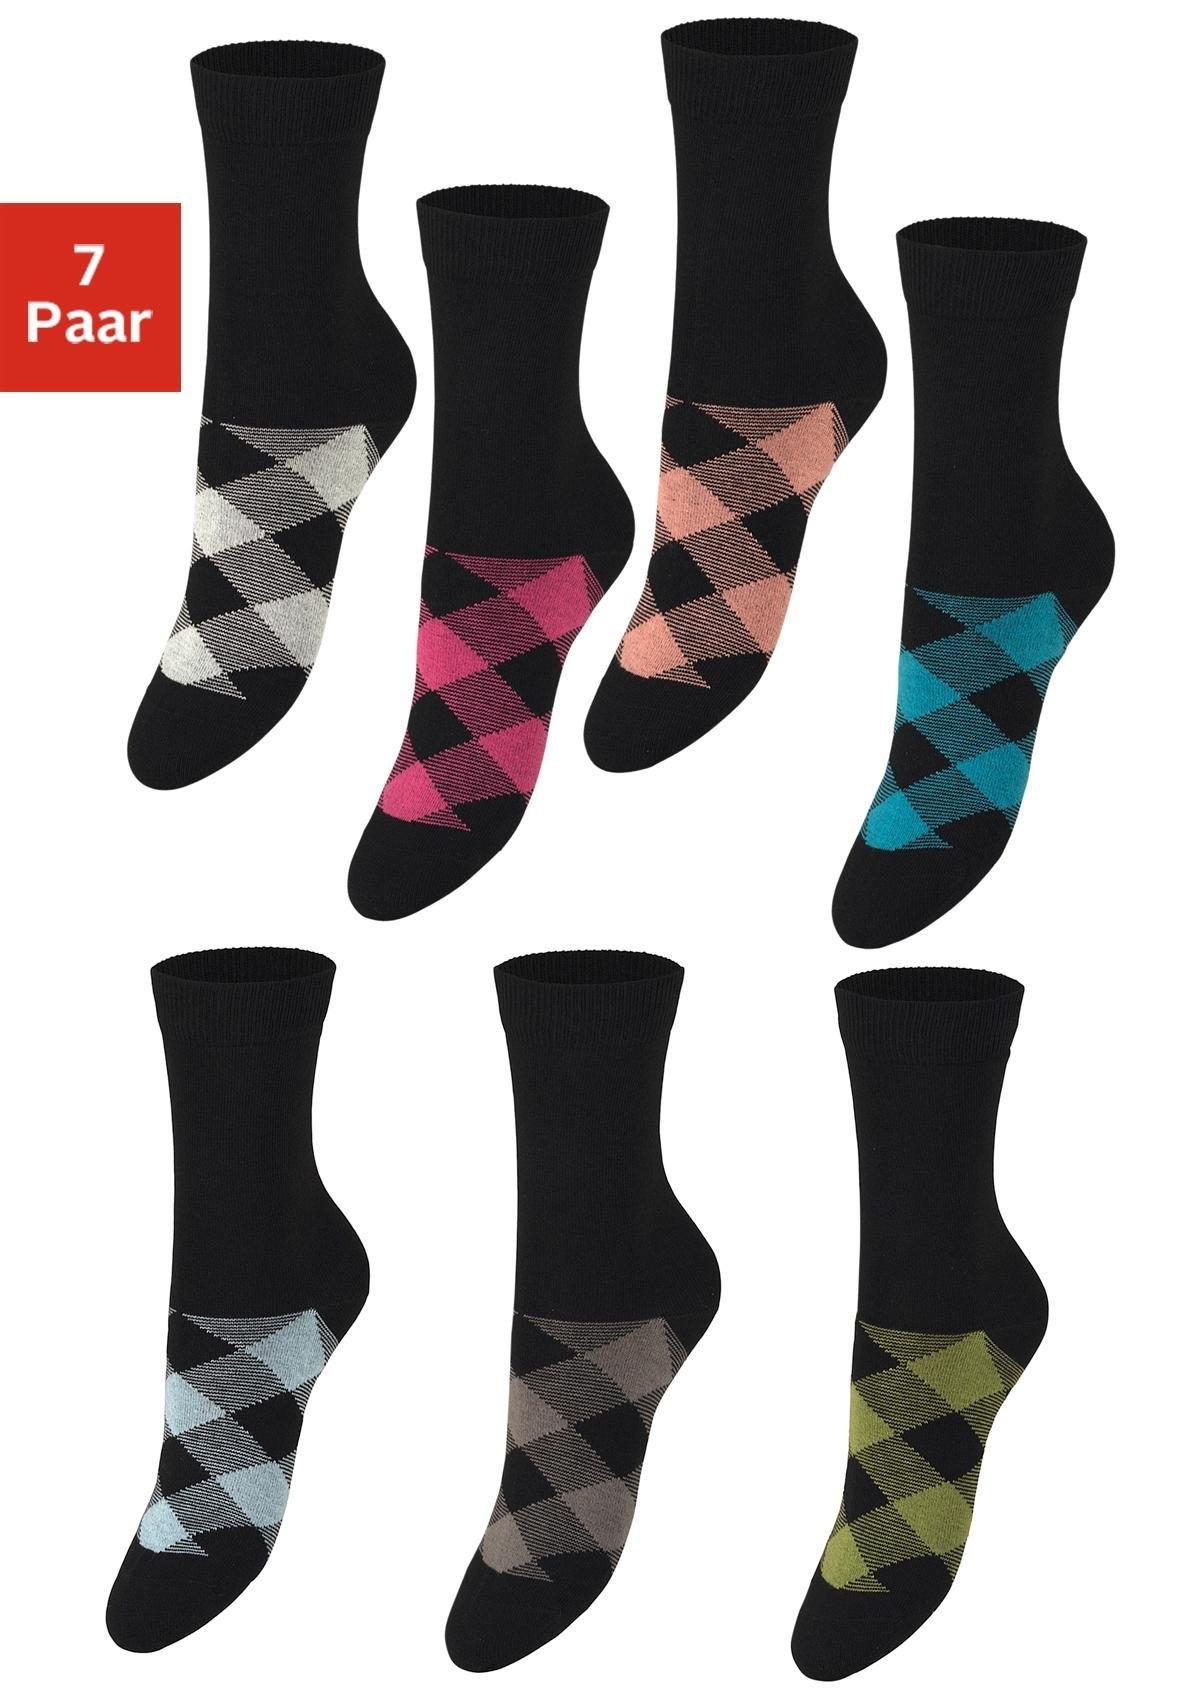 H.I.S sokken (7 paar) - verschillende betaalmethodes